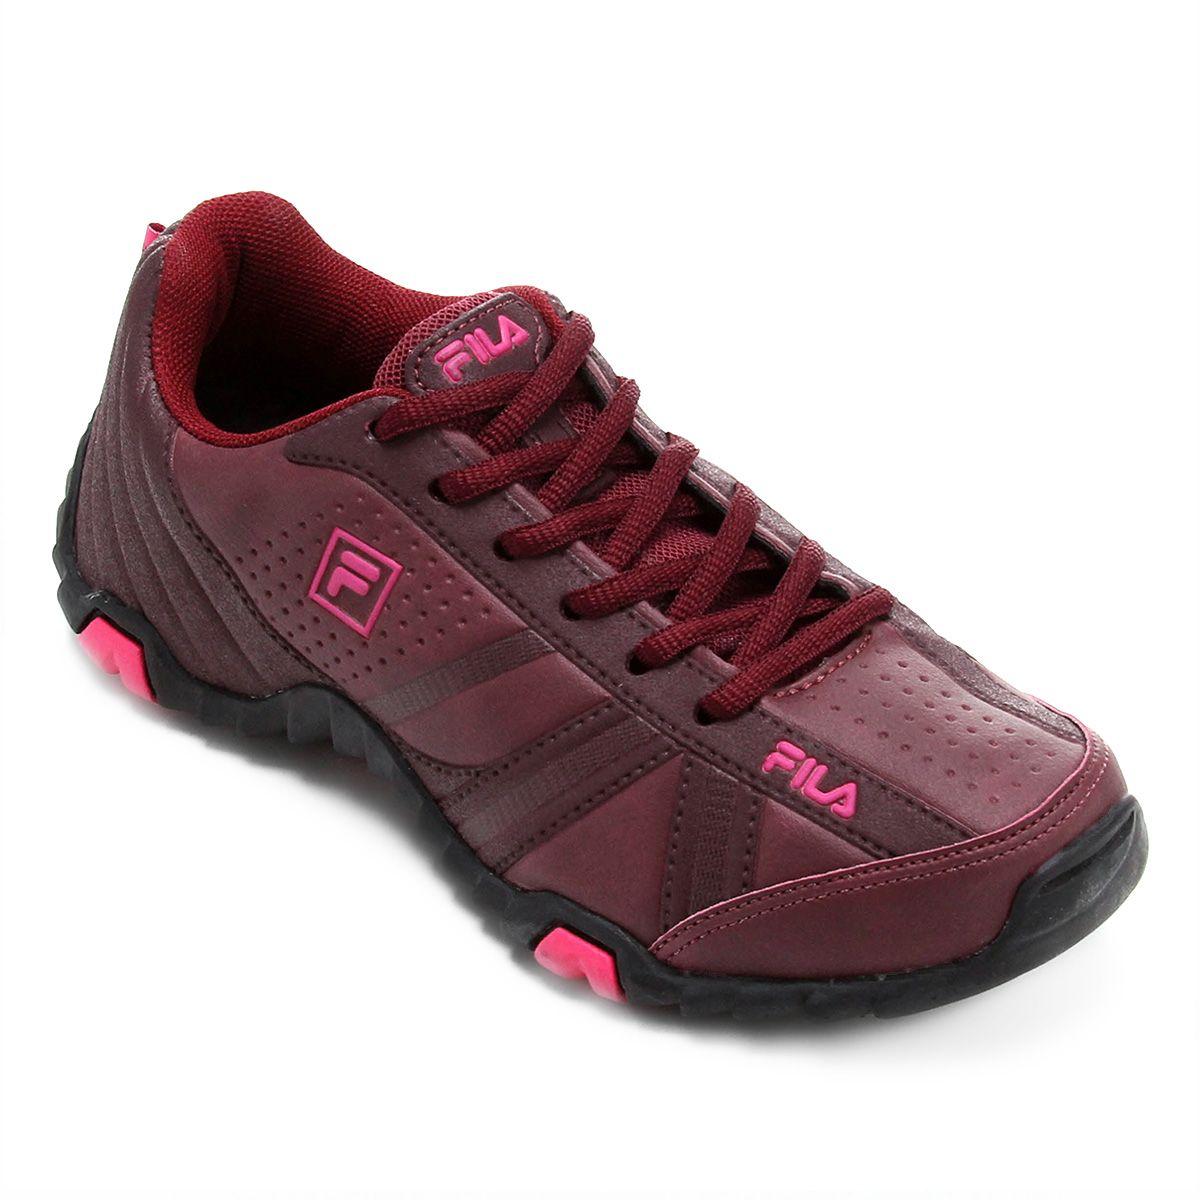 Tênis Fila Slant Force Marinho e Pink  6dc6738ee661f